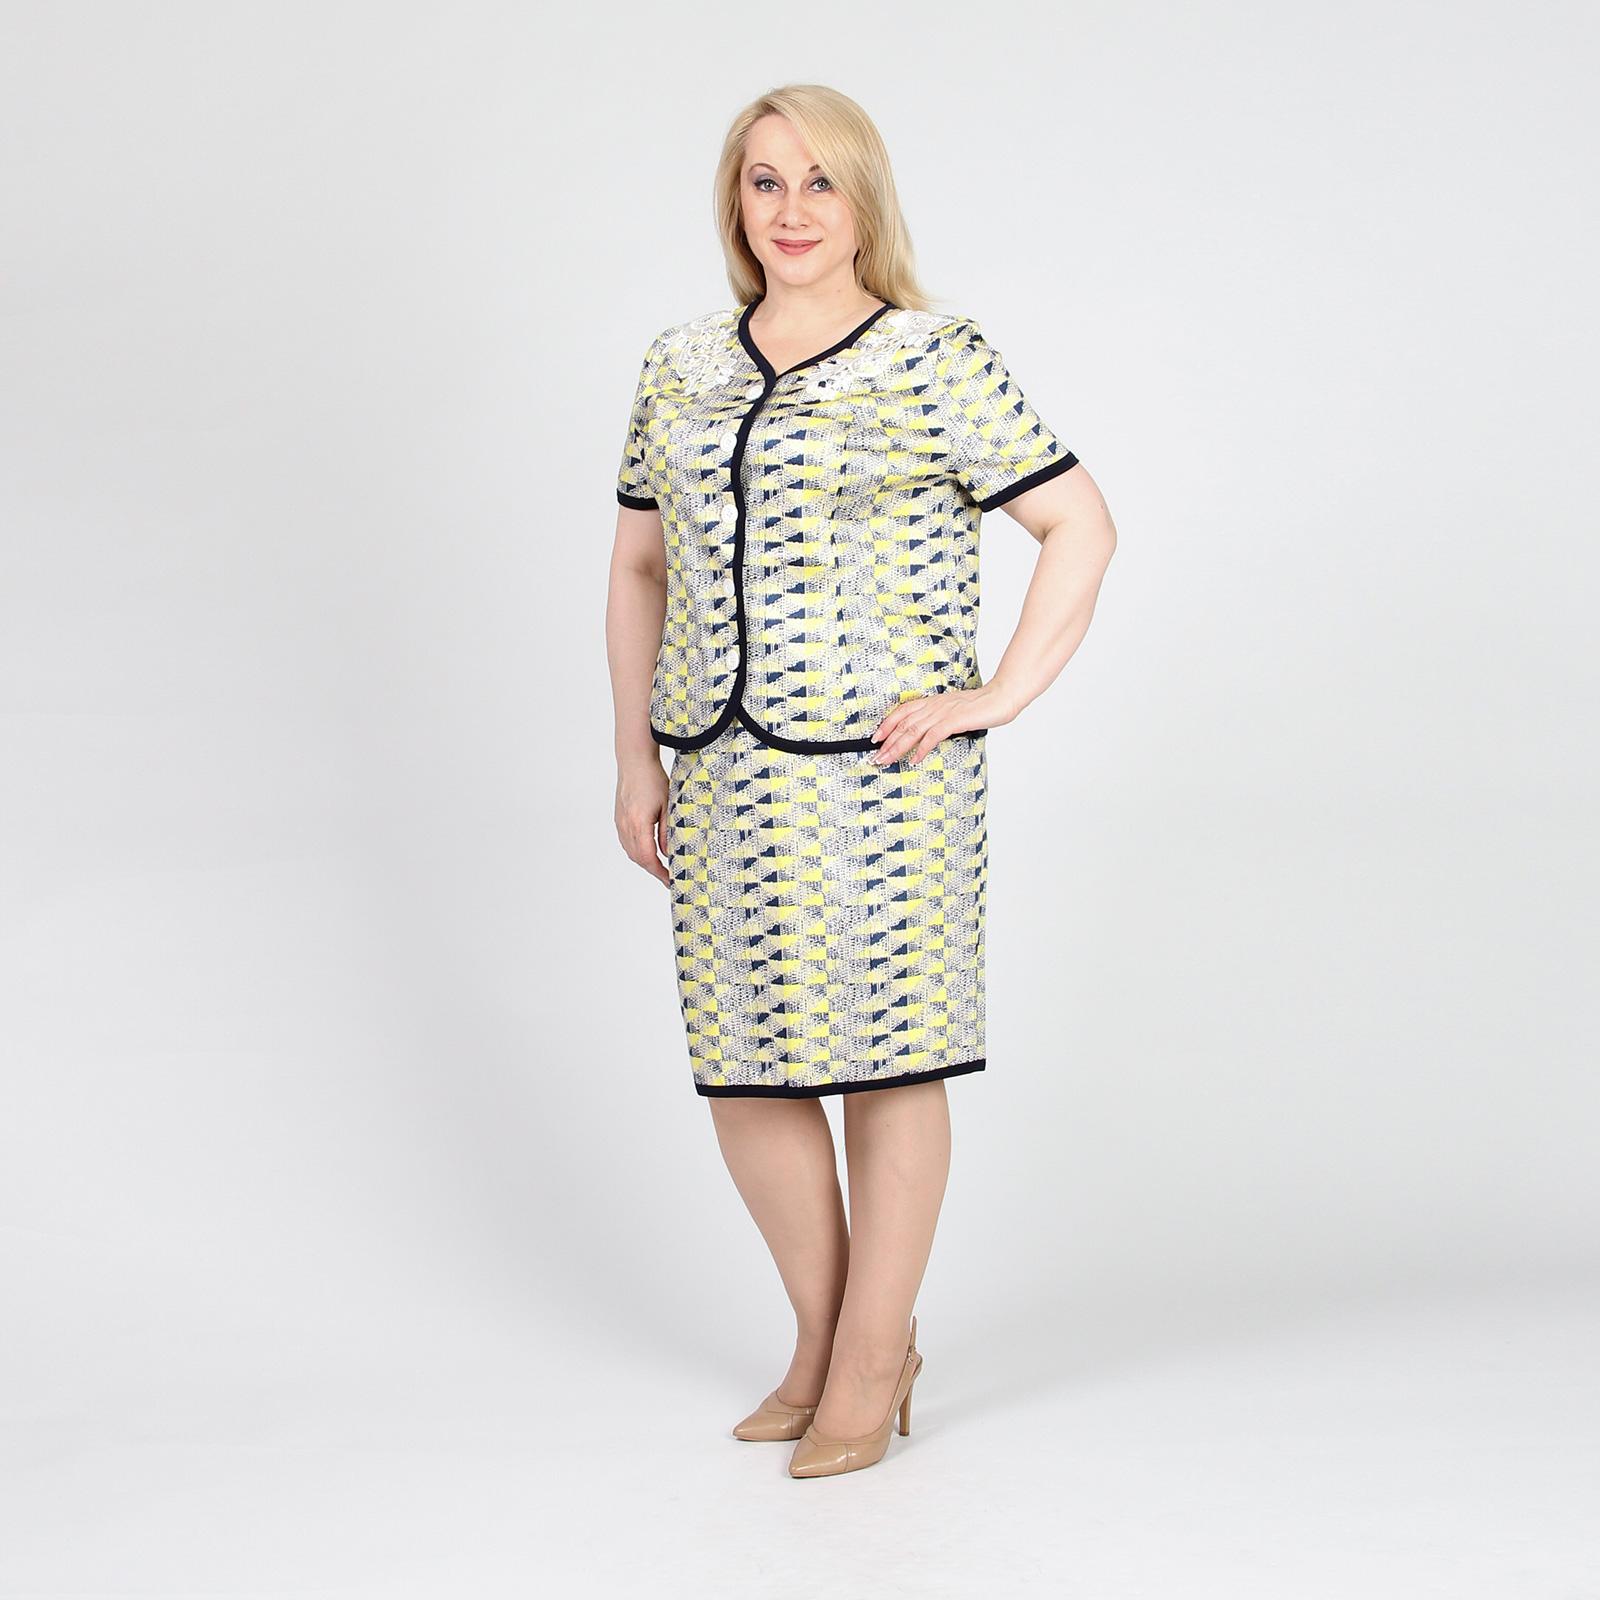 Костюм: юбка-миди прямого кроя и пиджак с коротким рукавом